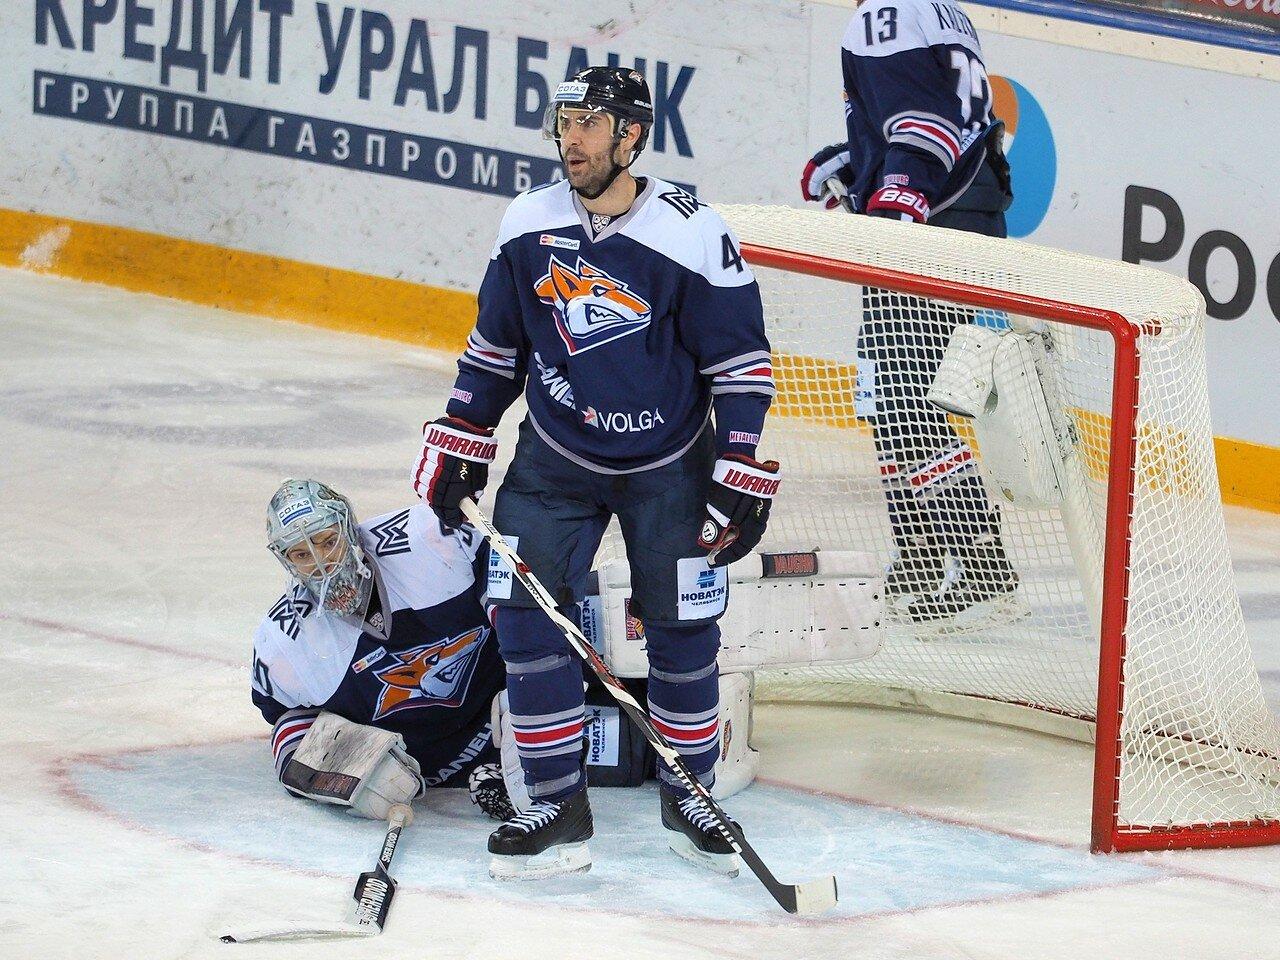 96Восток 1/4 плей-офф Металлург - Автомобилист 01.03.2016